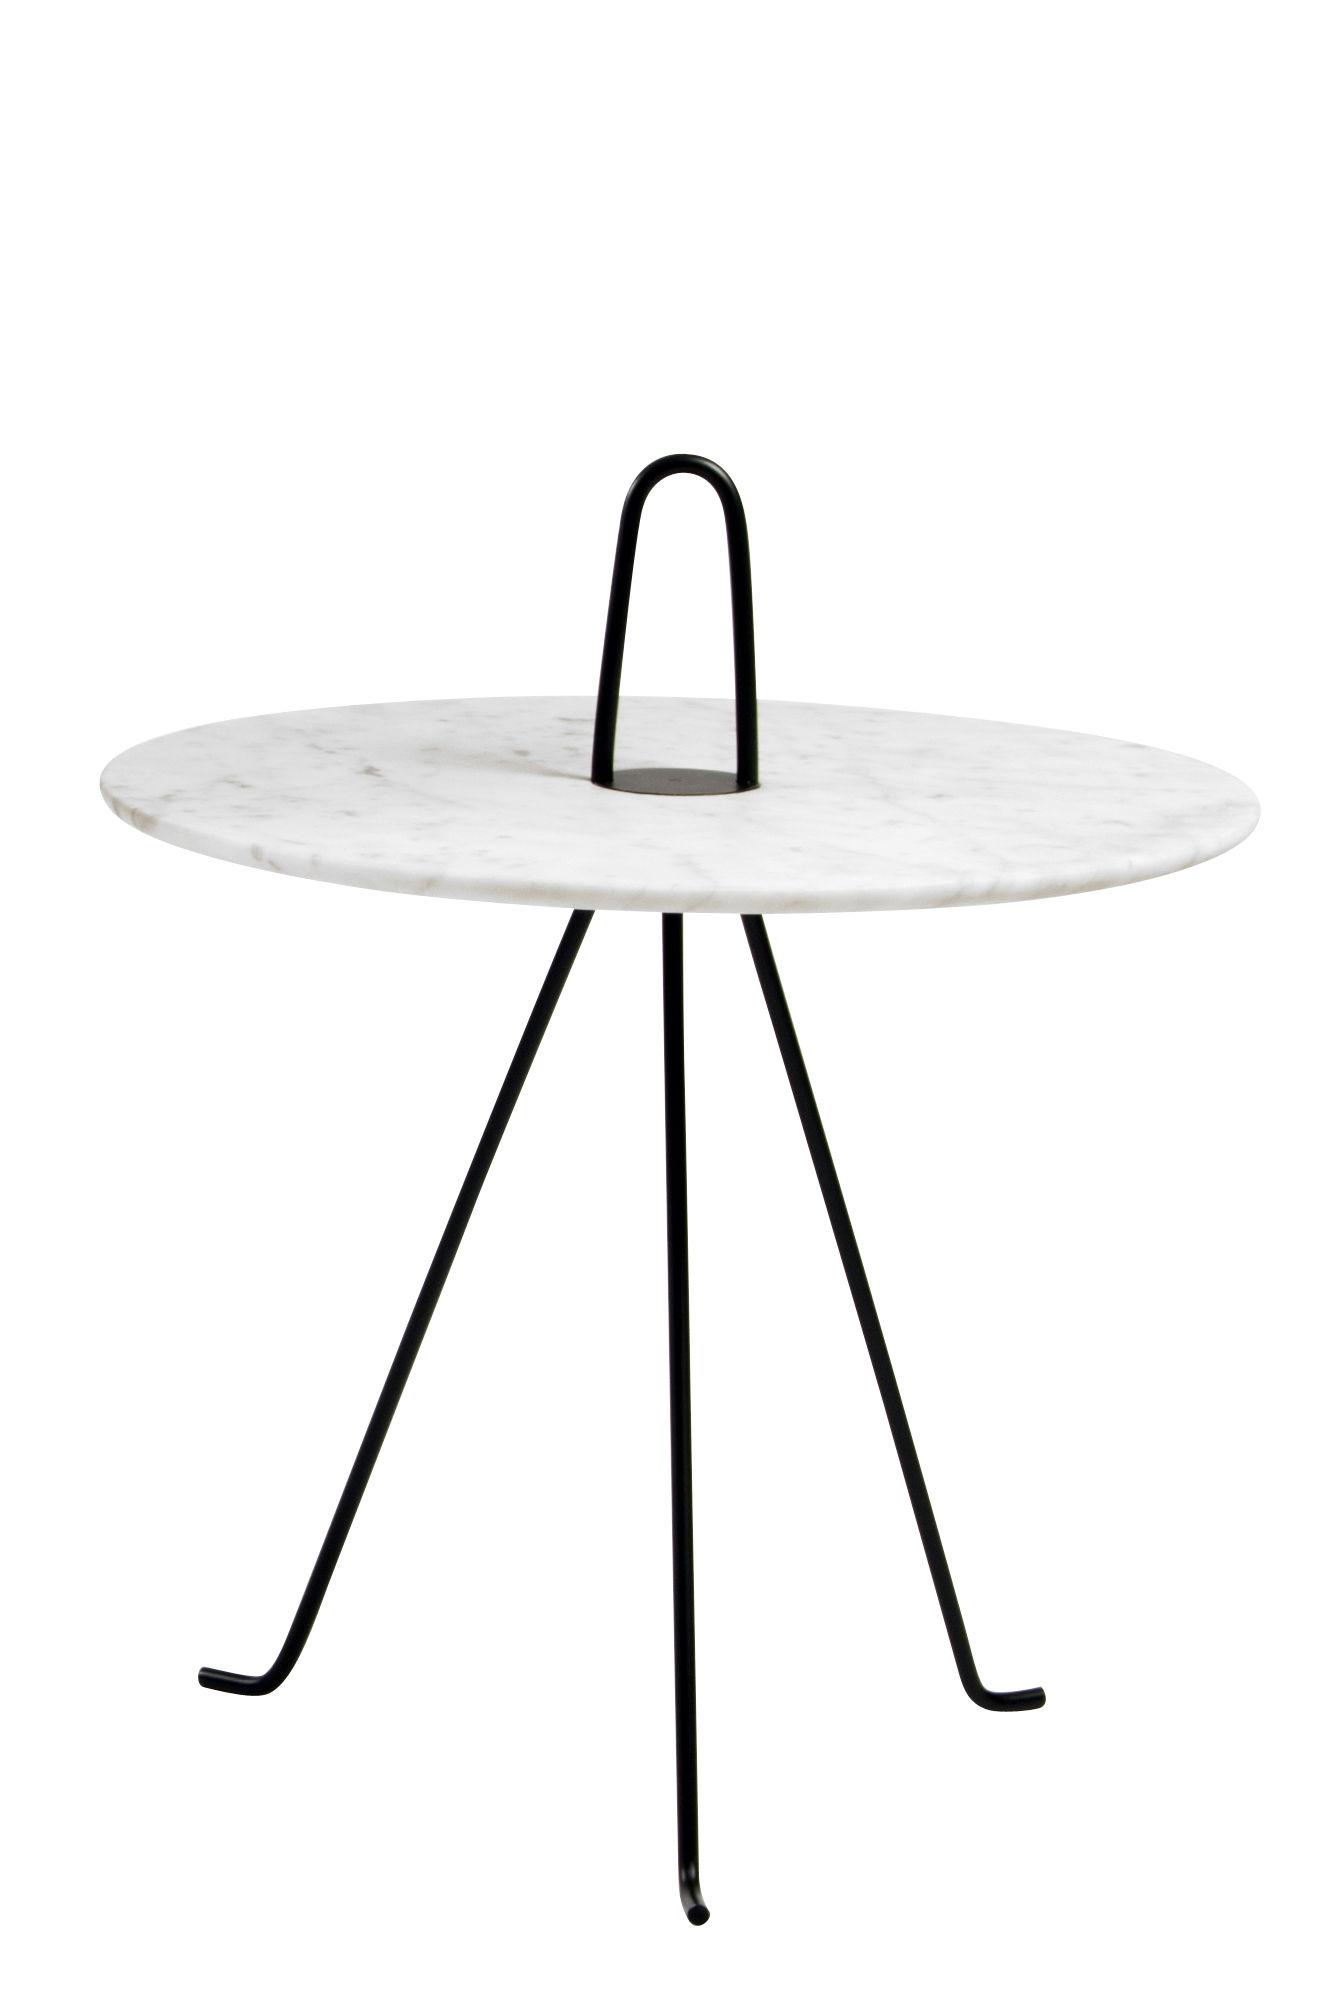 Mobilier - Tables basses - Table d'appoint Tipi / Ø 42 x H 37 cm - Marbre - Objekto - Marbre blanc / Pied noir - Acier peint, Marbre de Carrare